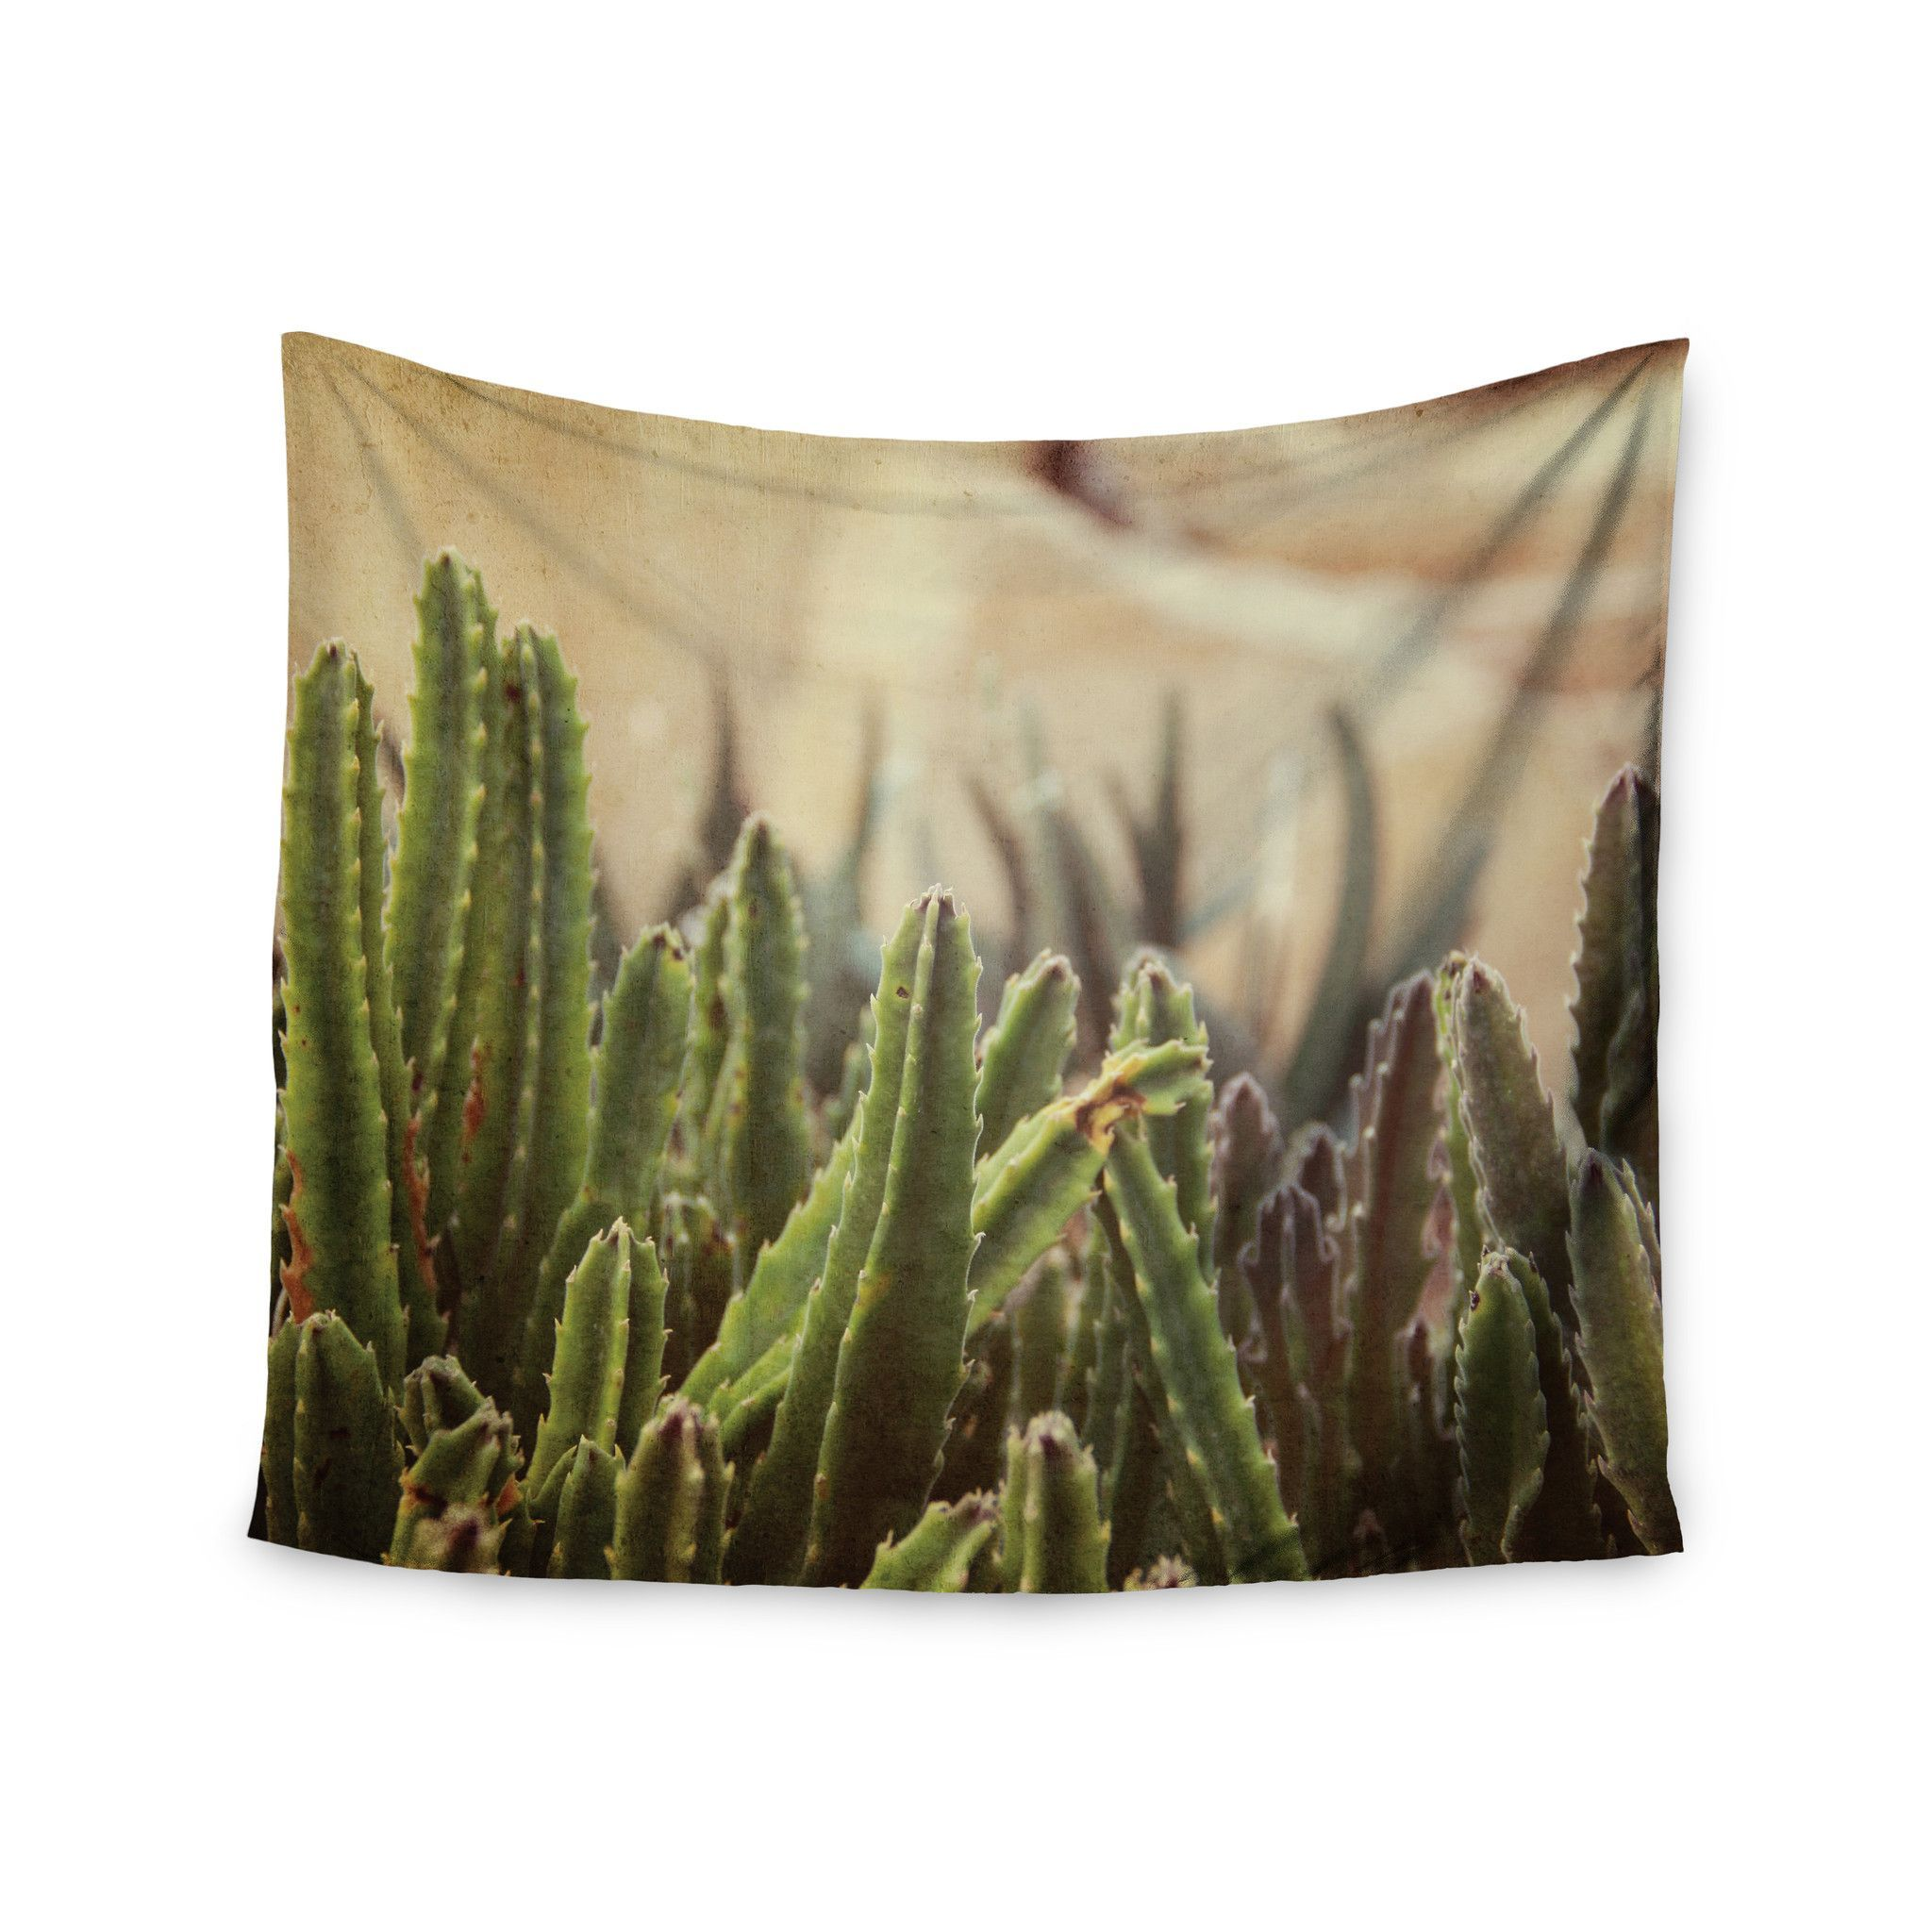 """Jillian Audrey """"Green Grass Cactus"""" Green Brown Wall Tapestry - KESS InHouse  - 1"""